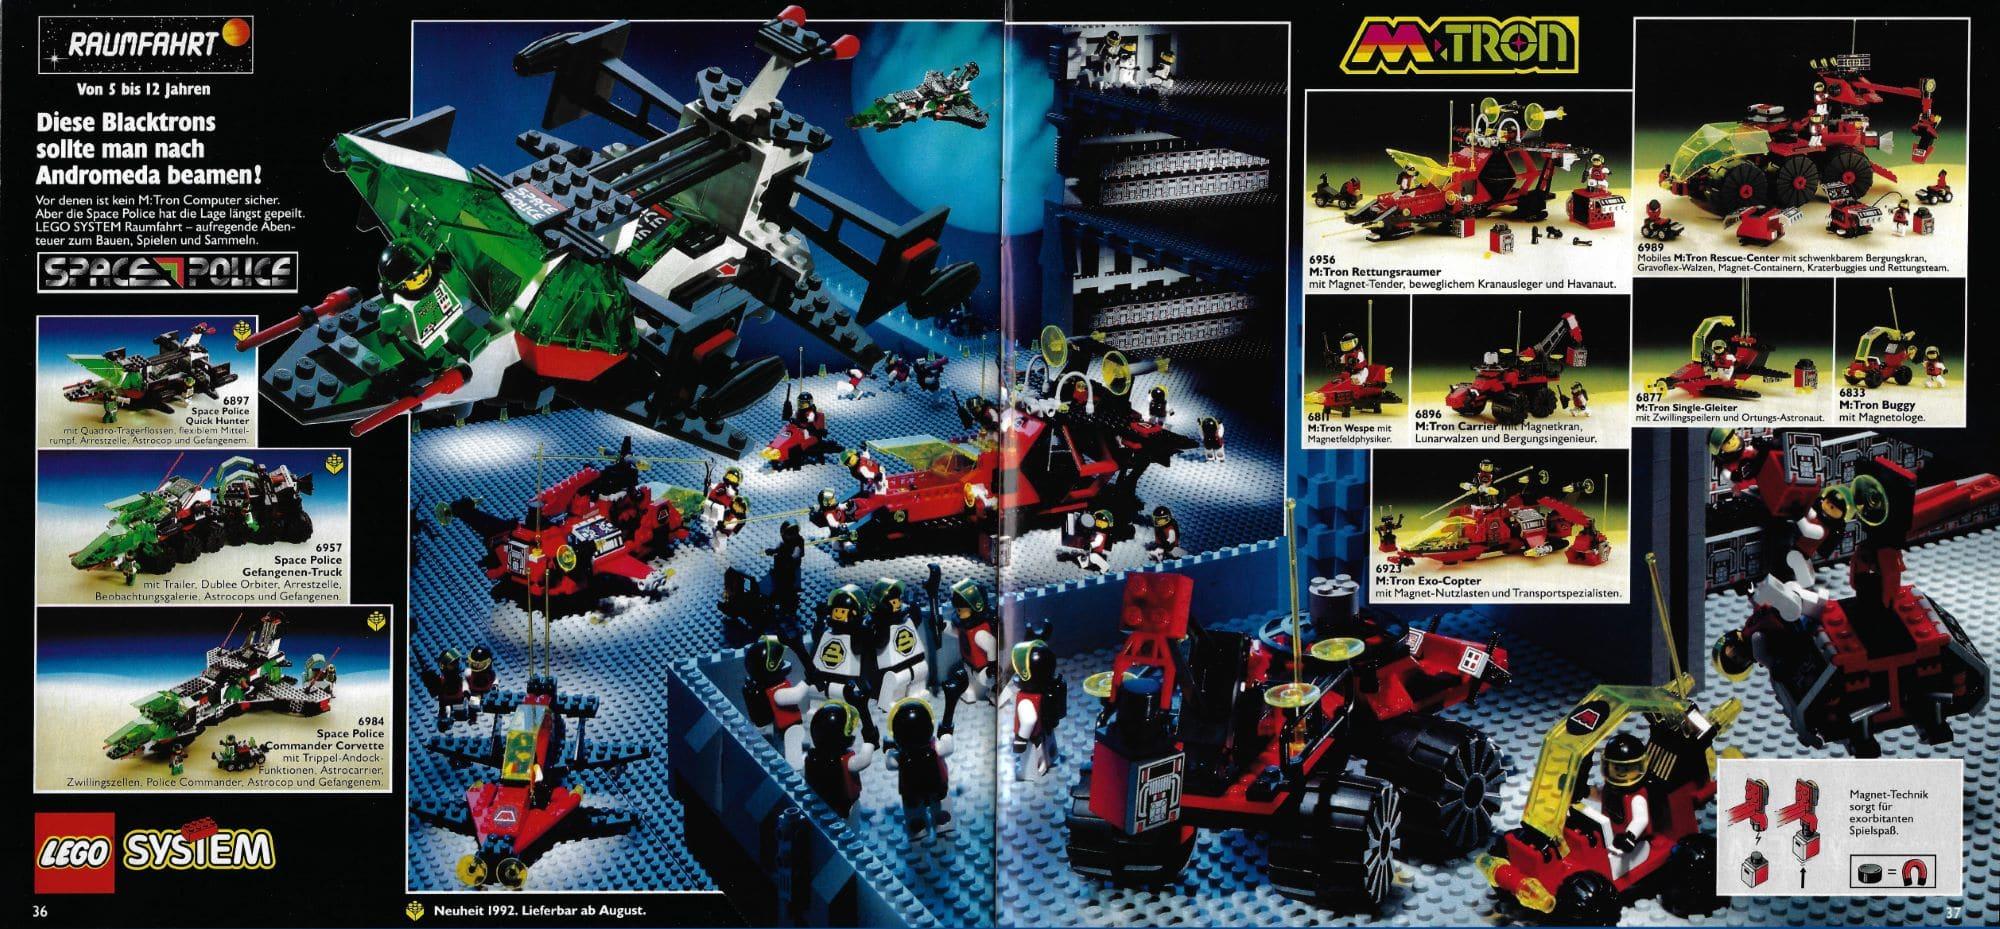 LEGO M Tron Space Police Scan Katalog 1992